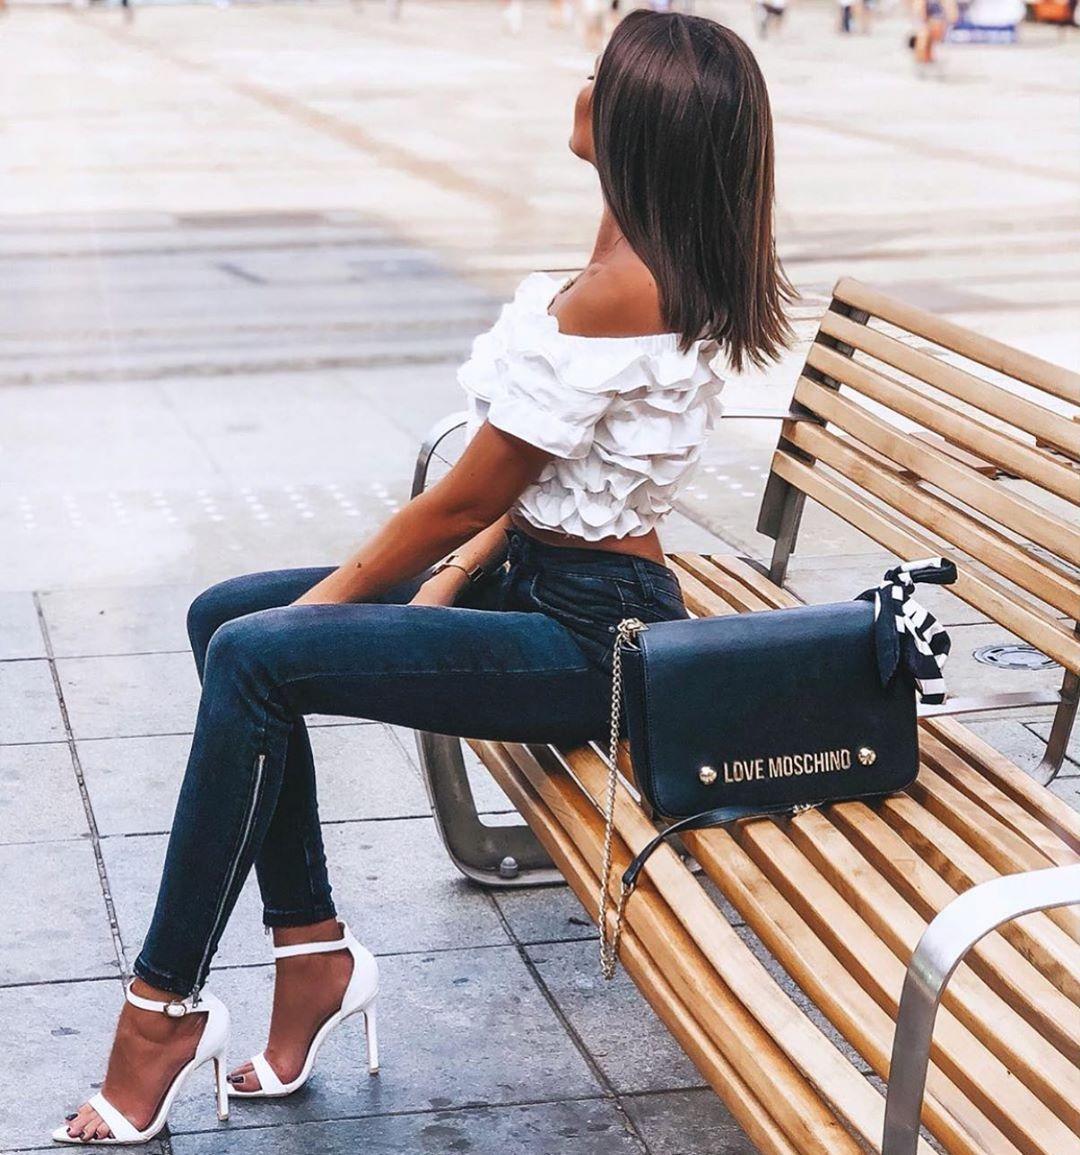 Uwielbiamy Takie Stylizacje Sliczna Xpaulinee Postawila Na Nasze Sandalki Amelia Dostepne Na Black And White Tops White Top And Jeans Black And White